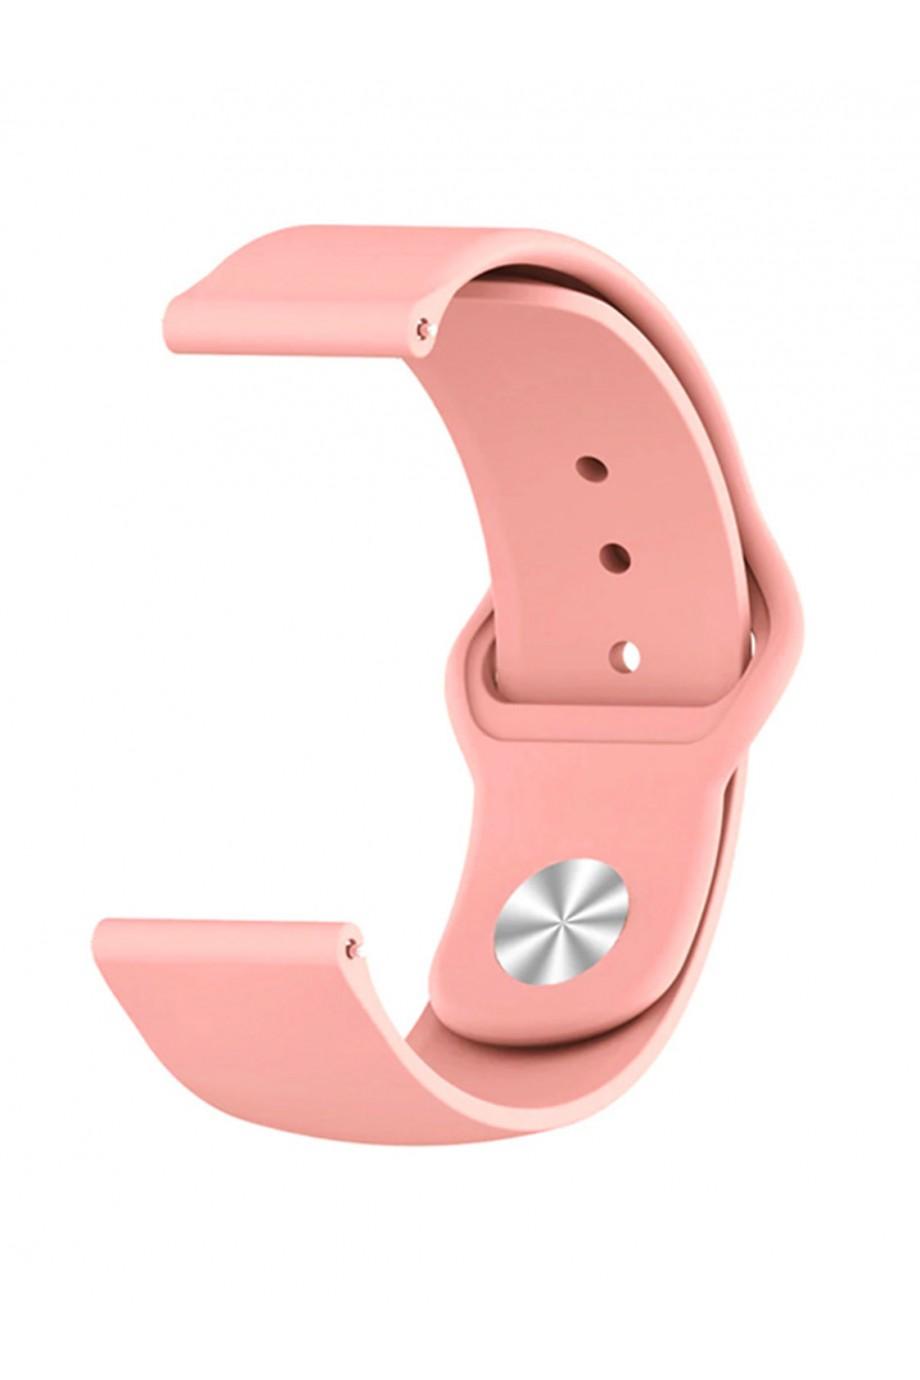 Силиконовый ремешок для Amazfit Pace, 22 мм, застежка pin-and-tuck, розовый лепесток, mz-02